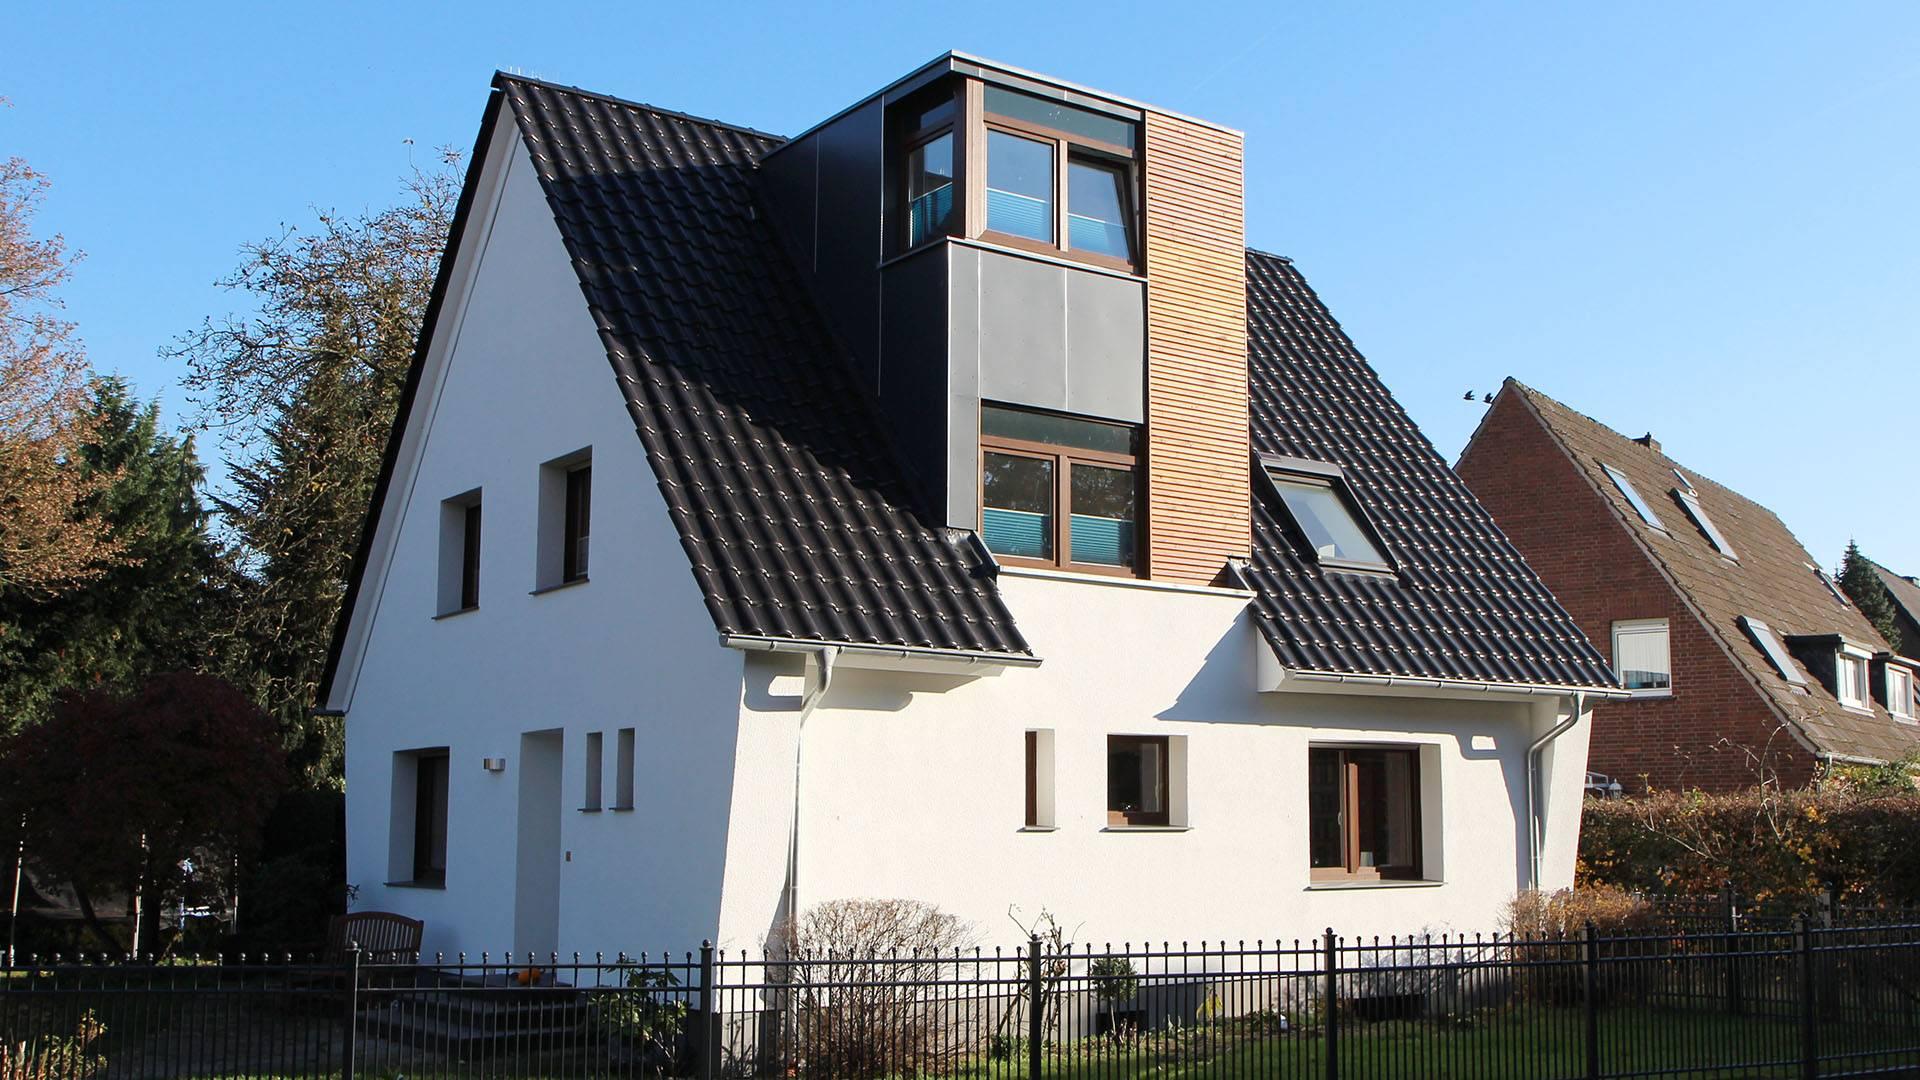 Siedlungshaus I Sanierung und Erweiterung | Architekturbüro ...